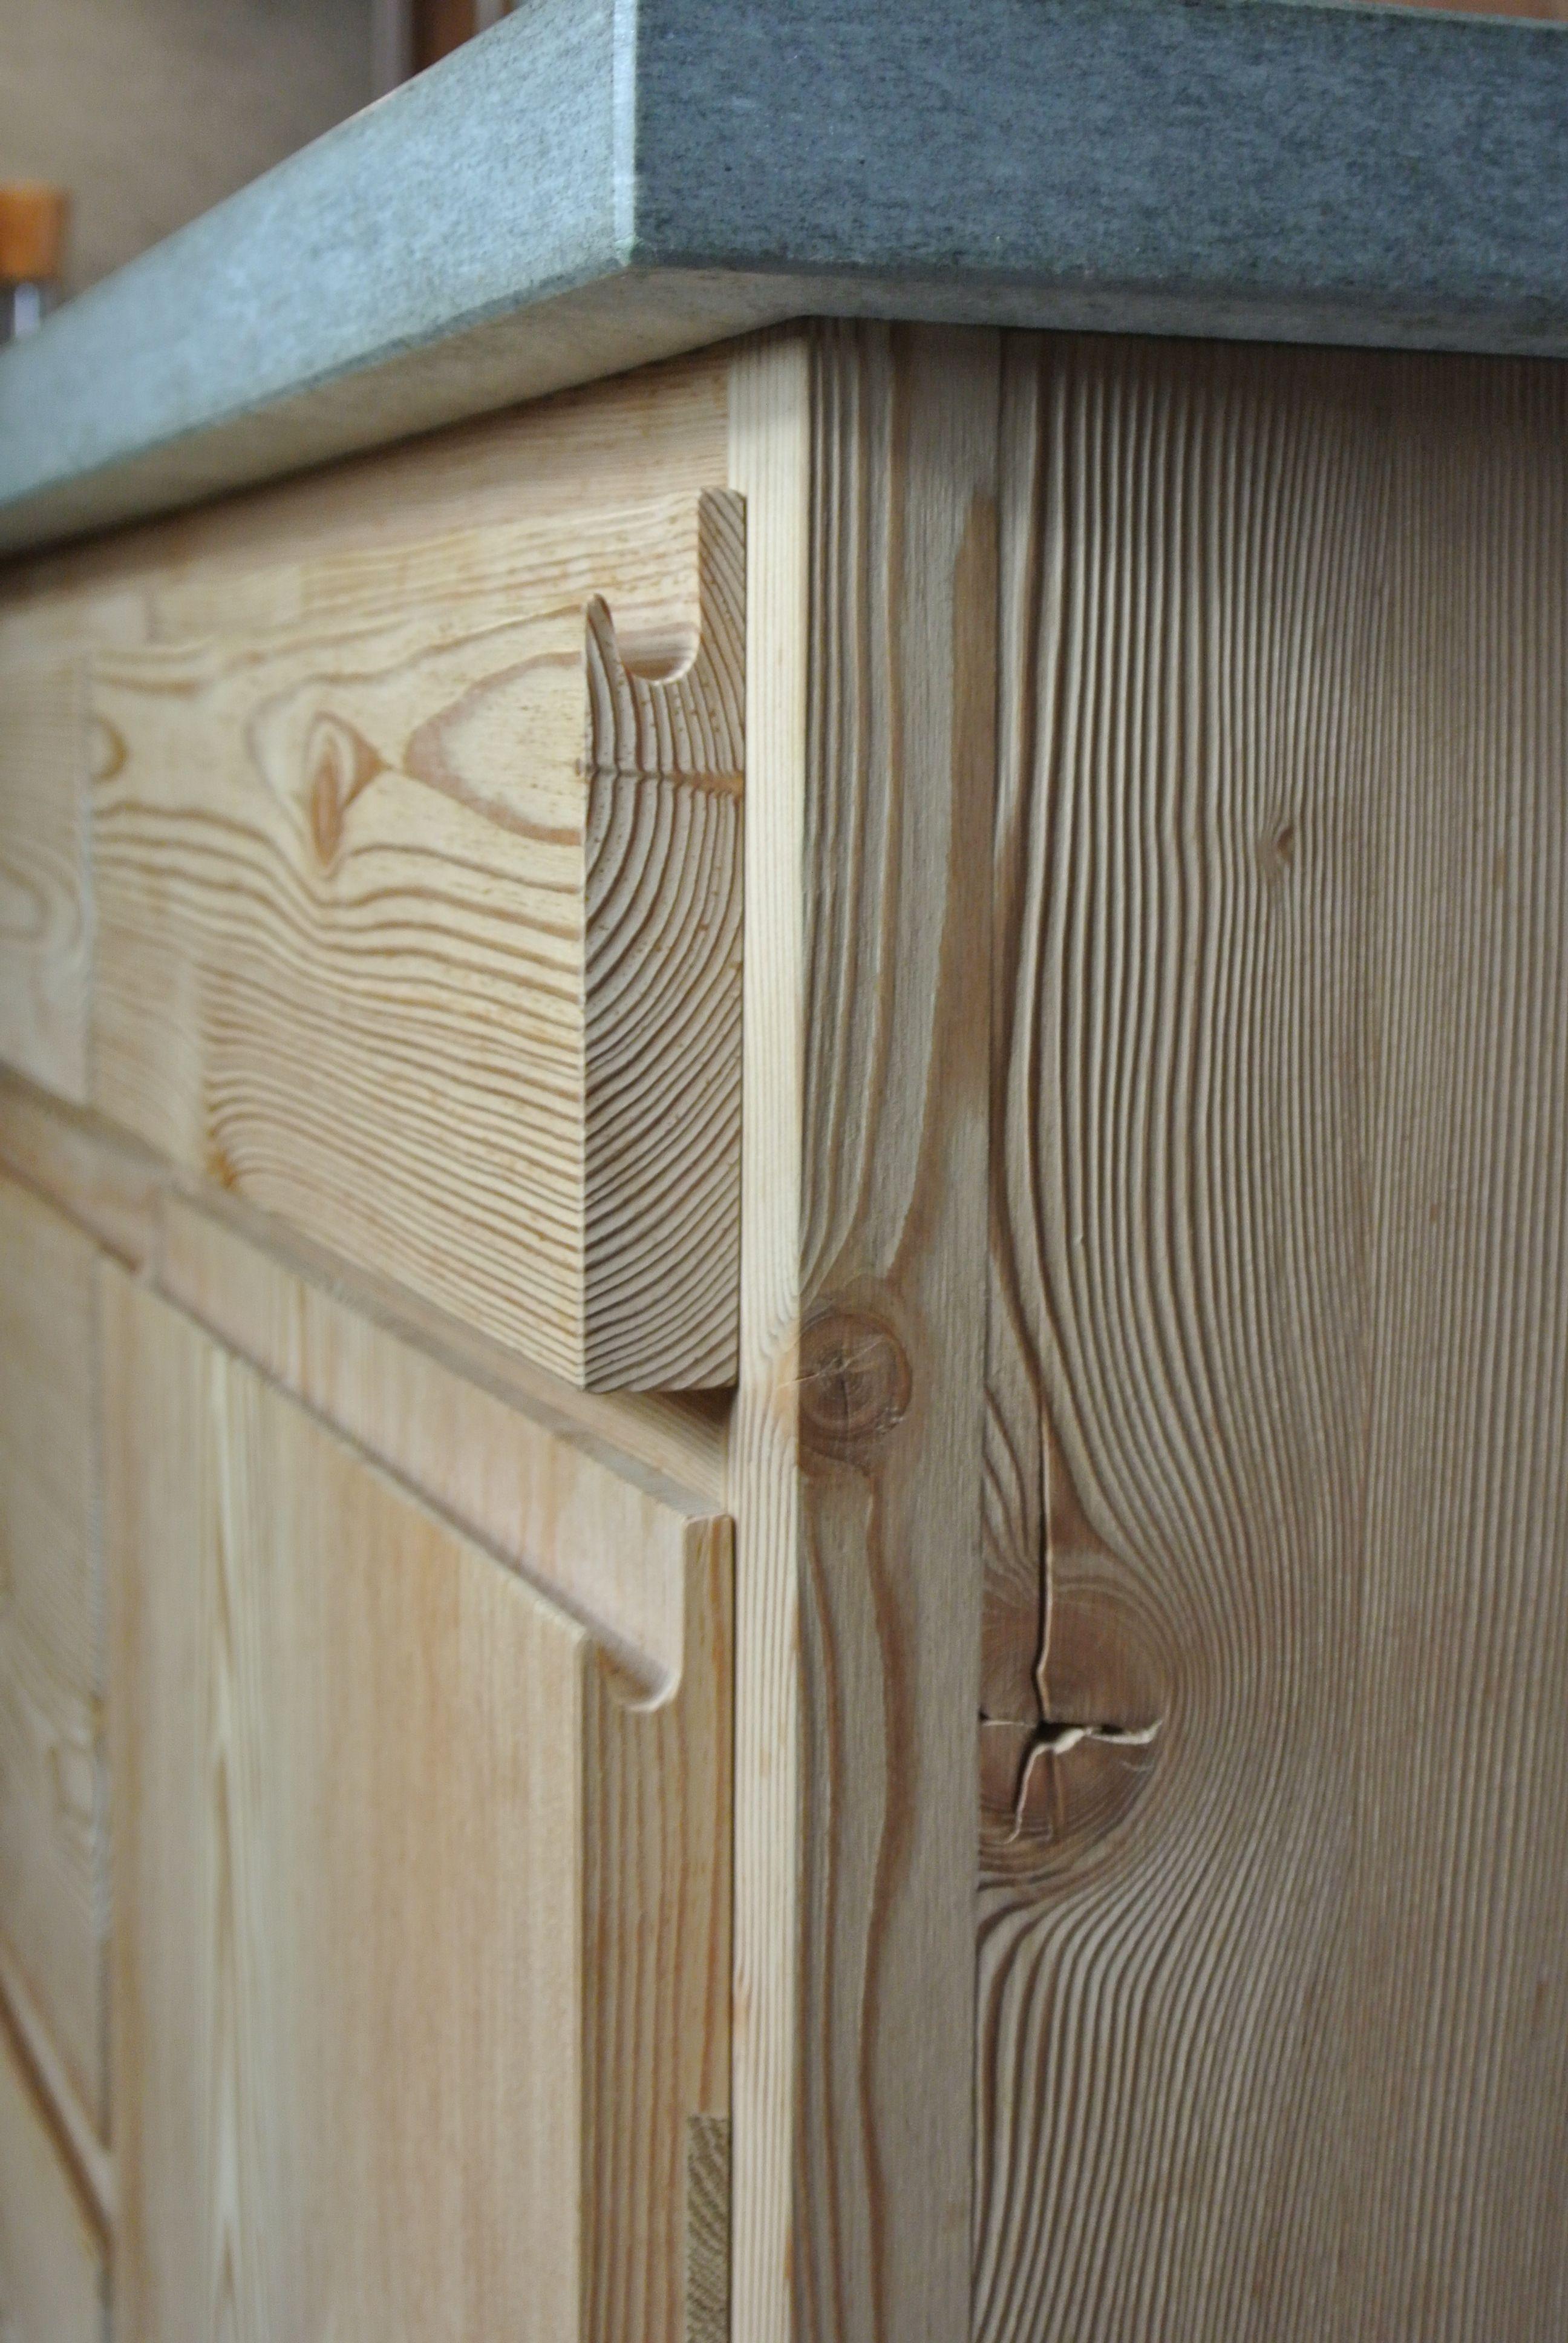 Kuche Aus Massivholz Innenarchitektur Kuche Larchenholz Dekorativer Beton